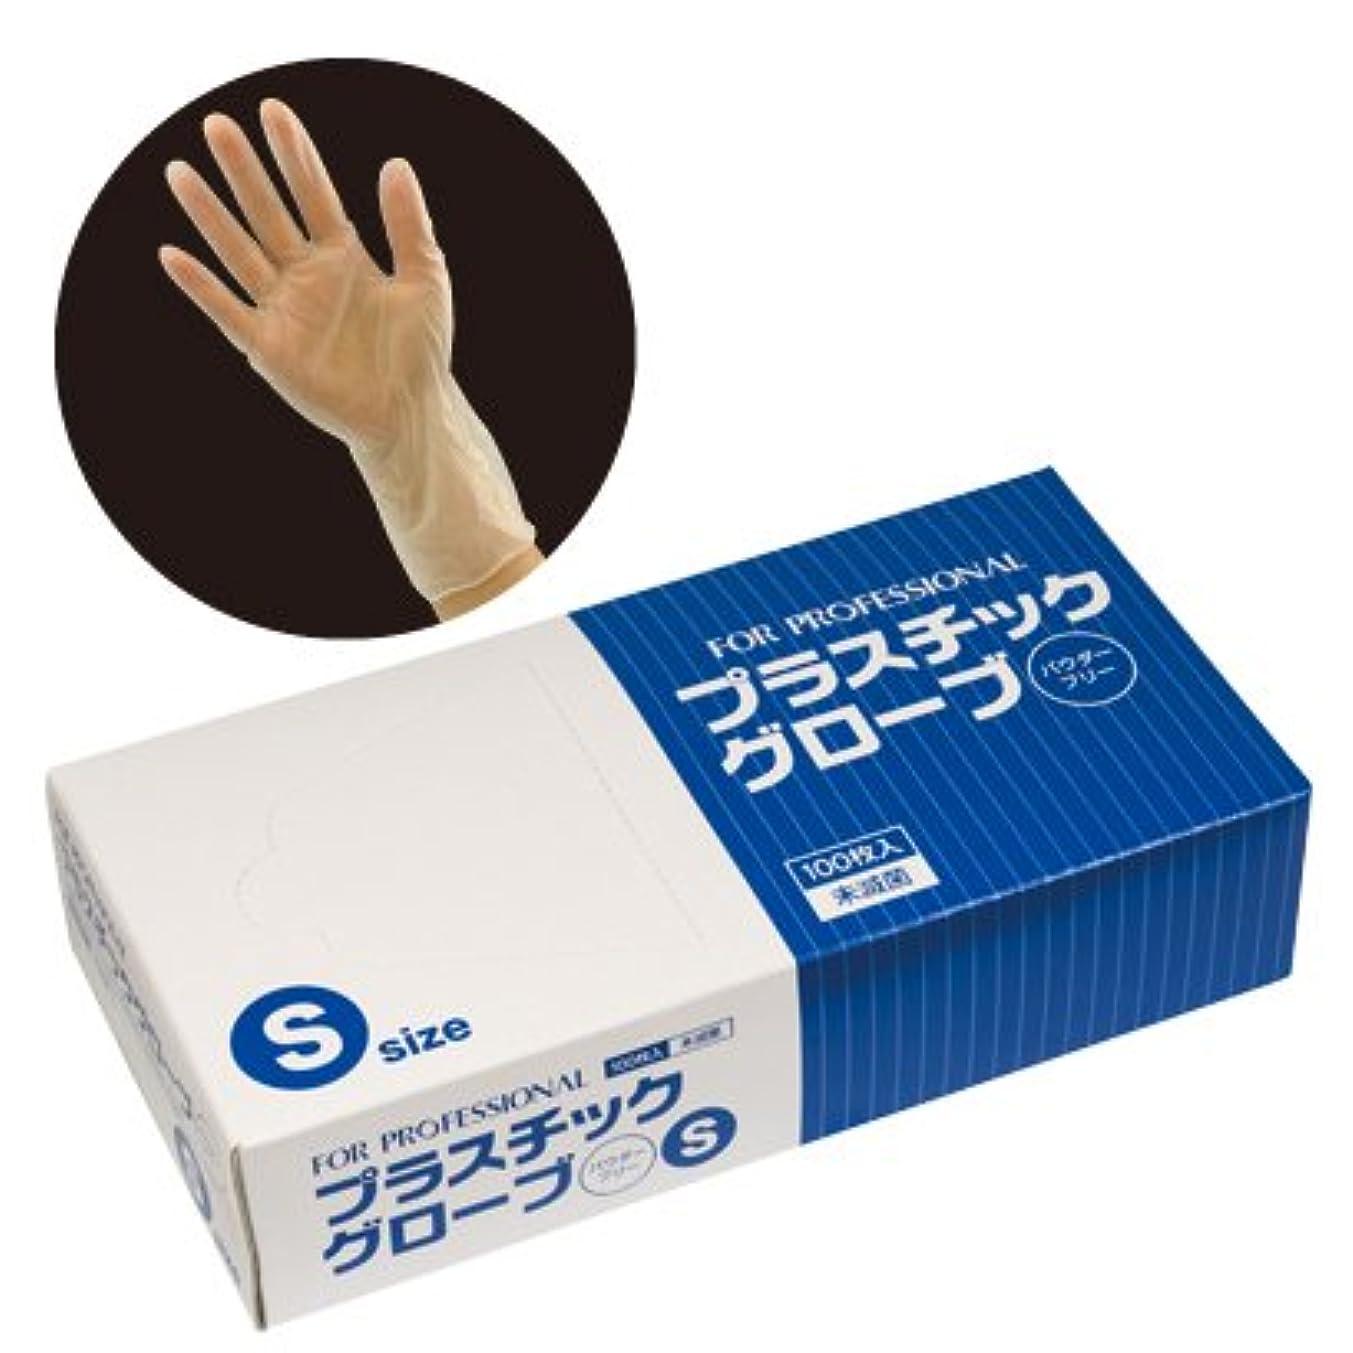 【業務用】 FEED(フィード) プラスチックグローブ(手袋) パウダーフリー/S カートン(100枚入×10ケース) (作業用) (378円/1個あたり)